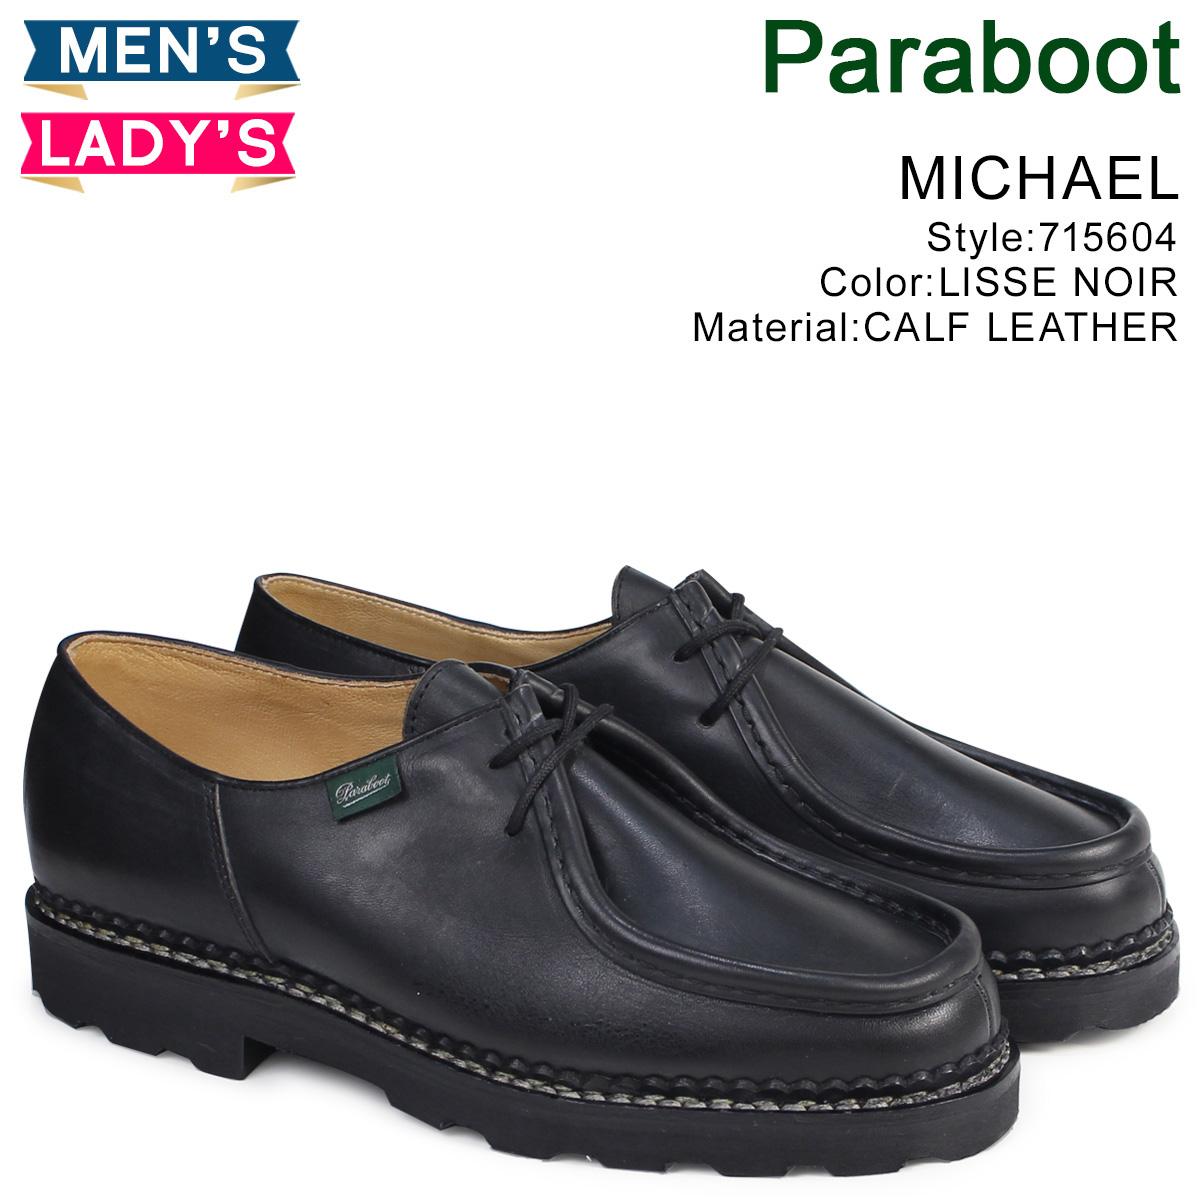 PARABOOT MICHAEL パラブーツ ミカエル シューズ チロリアンシューズ 715604 メンズ レディース 靴 ブラック [予約商品 4/9頃入荷予定 追加入荷]